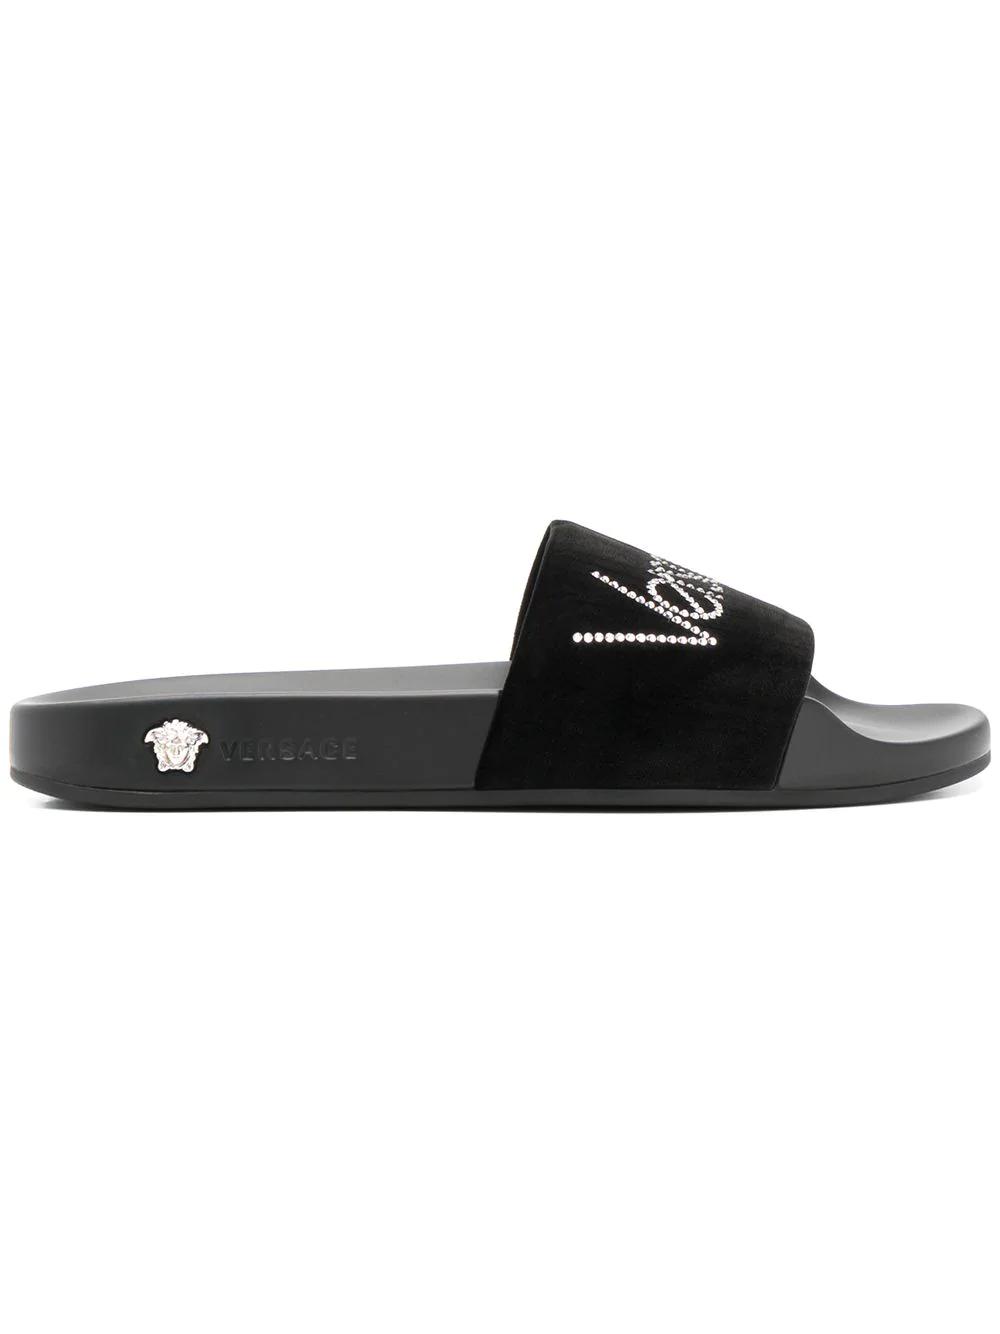 Versace Sandalen Mit Logo - Schwarz In Black